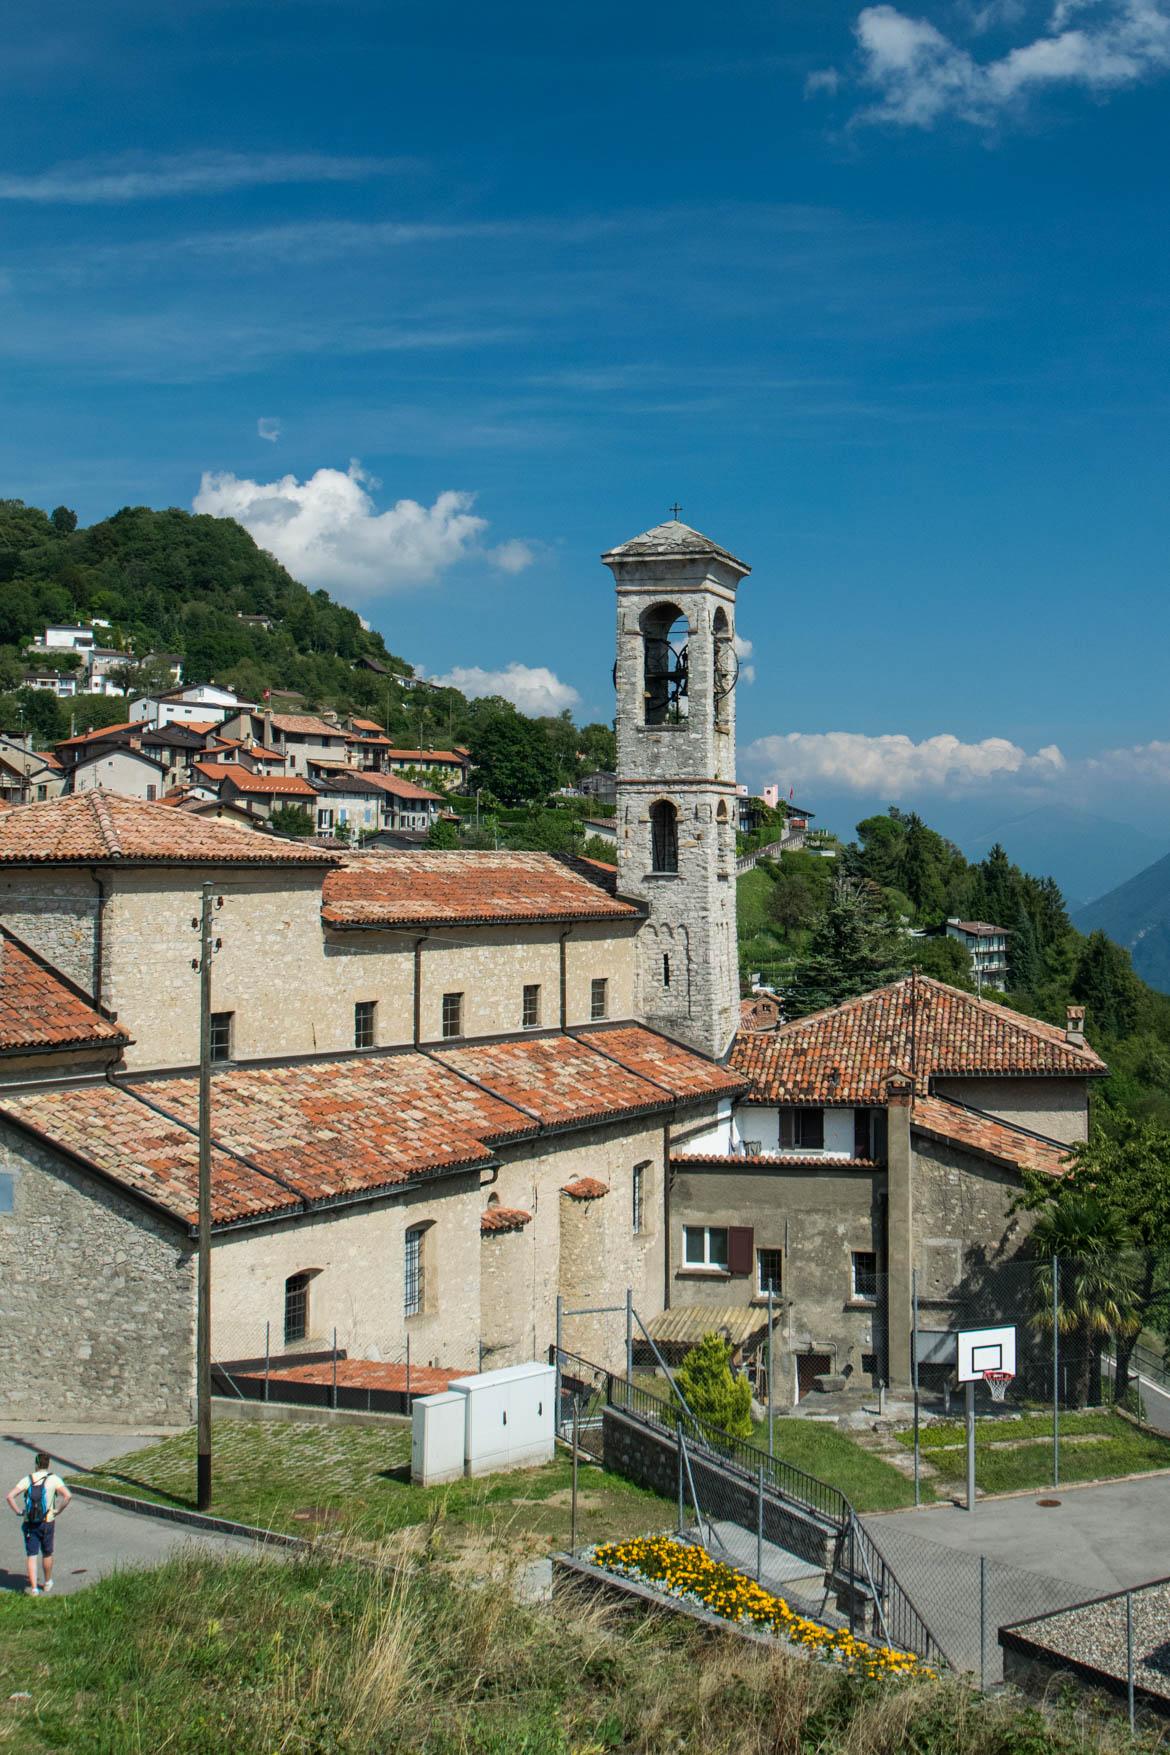 Monte Bre - Lugano